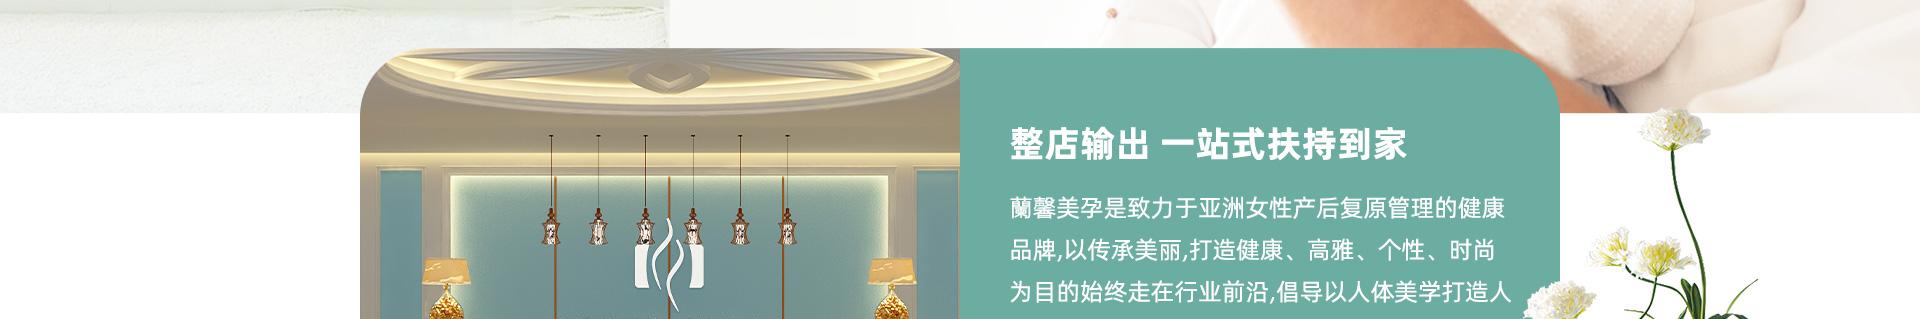 蘭馨美孕产后复龄中心详情页_04